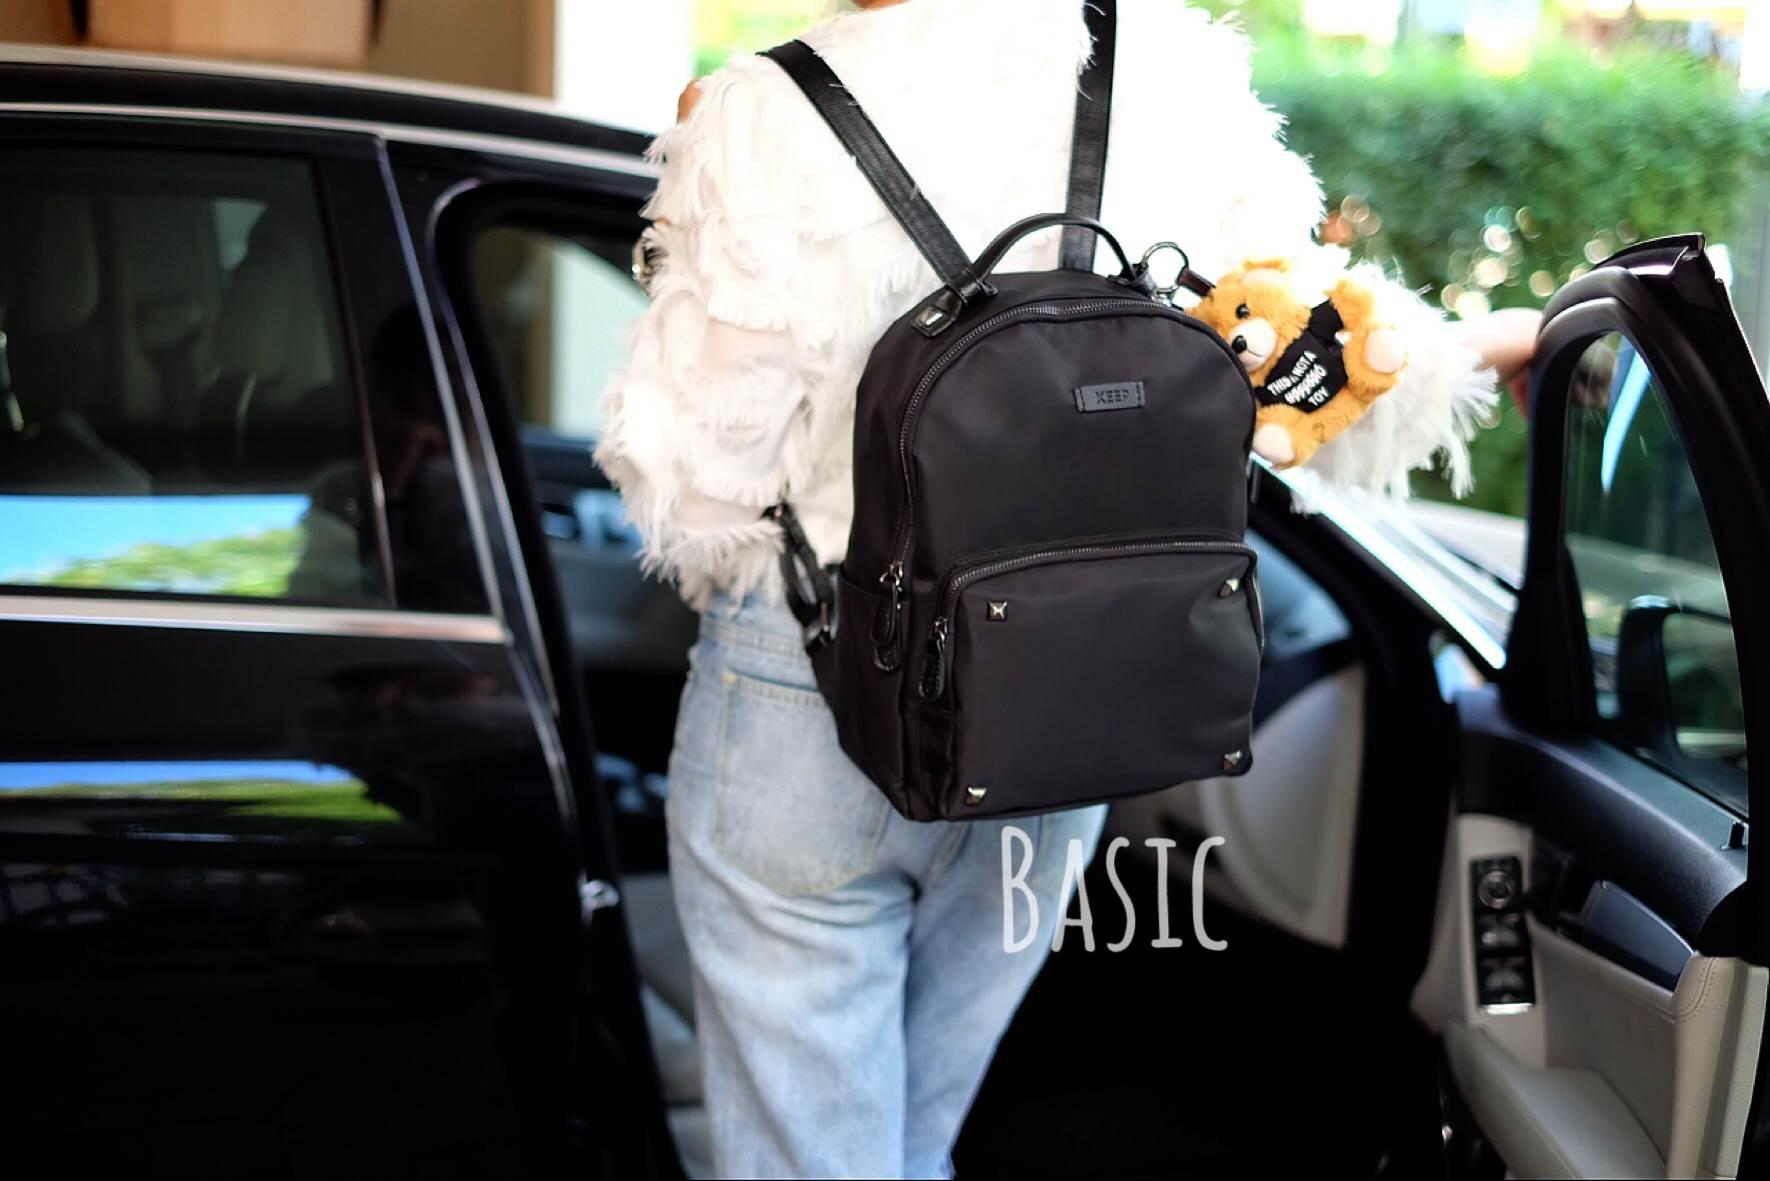 กระเป๋าเป้ไนล่อน แบรนด์ KEEP รุ่น Keep classic nylon backpack ขนาดเบสิกใส่ A4 ได้ค่ะ